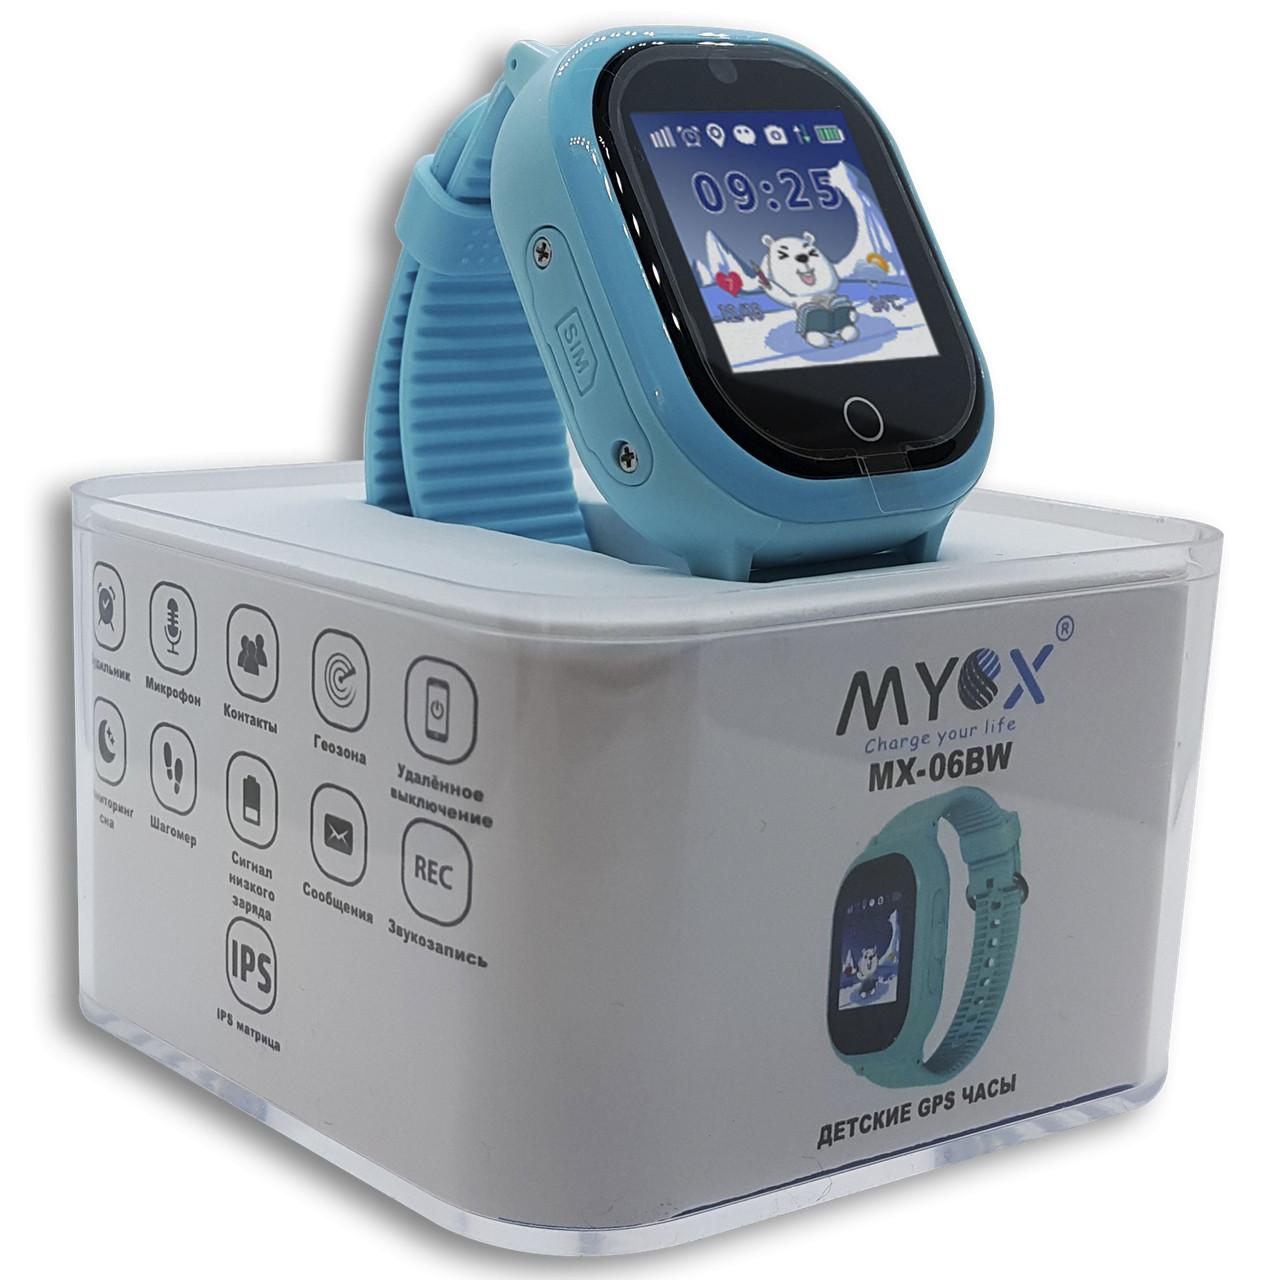 Детские водонепроницаемые Gps часы Myox МХ-06BW синие скамерой ... f9937037cadb5